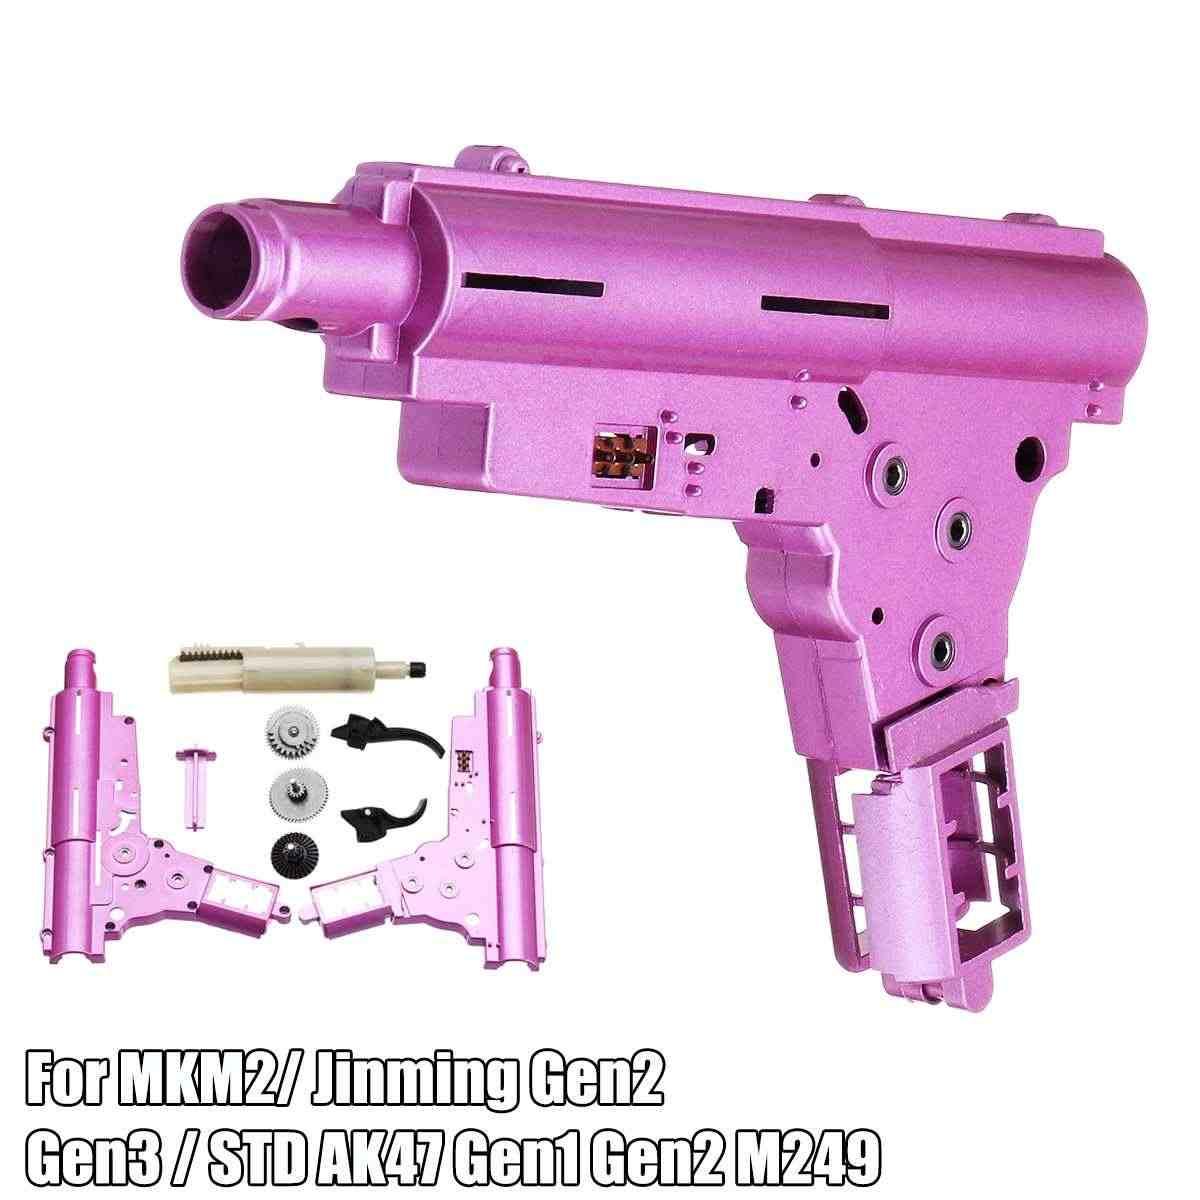 Металлический корпус коробки передач для MKM2 для Jinming Gen2 Gen3/STD AK47 Gen1 Gen2 M249 гелевый шар для бластера игрушка Модифицированная